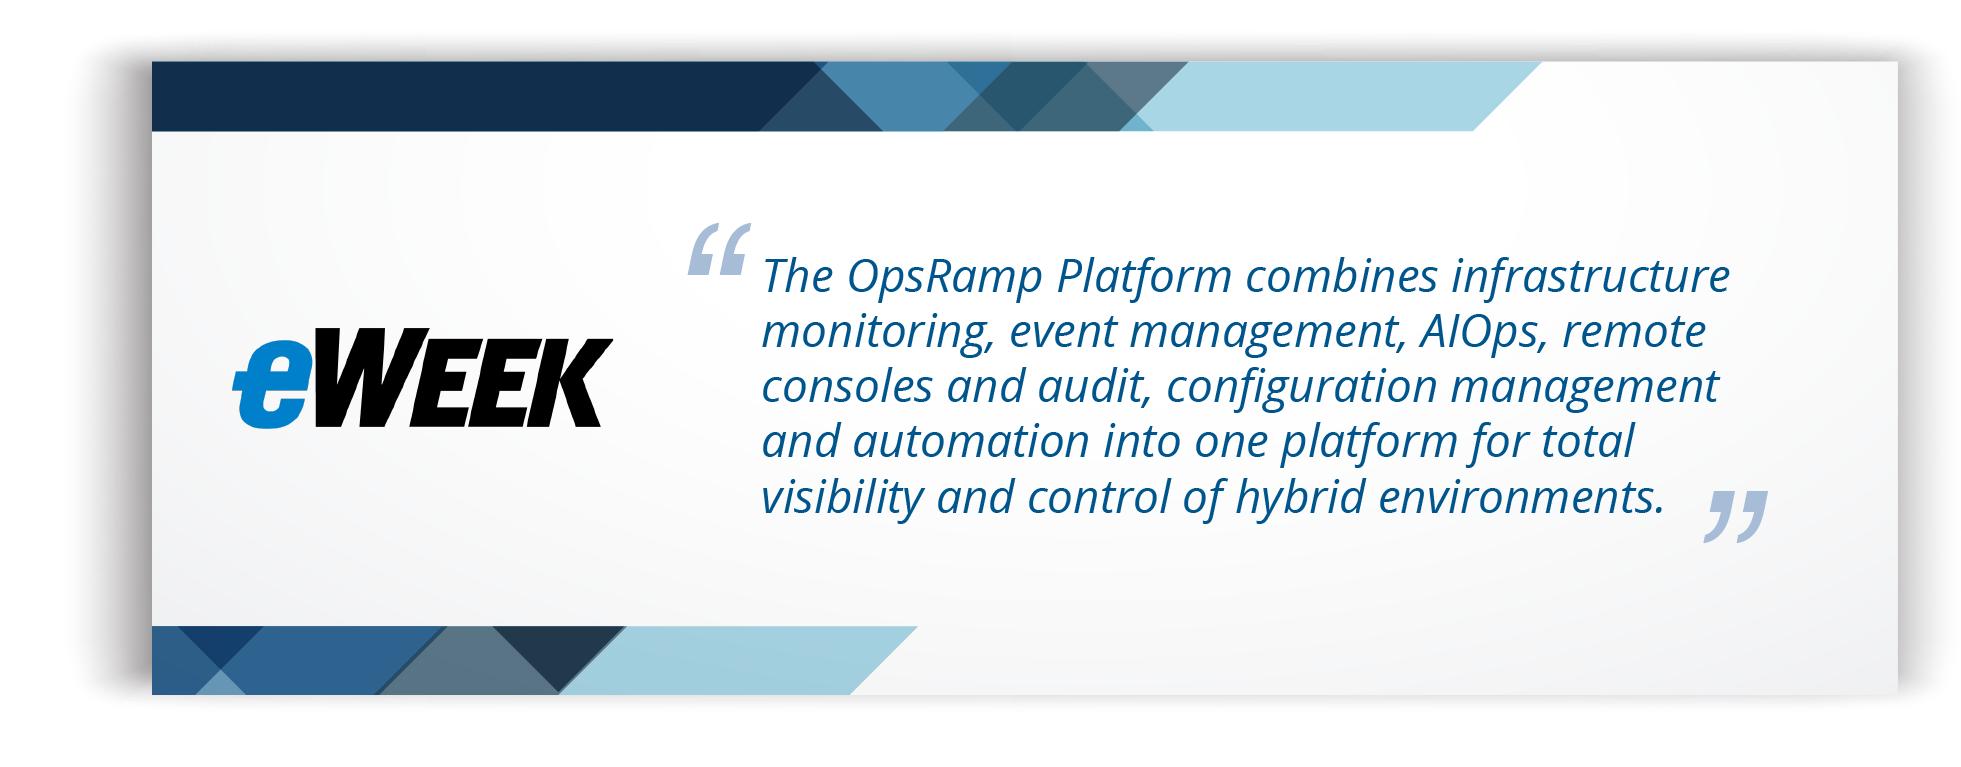 eWeek Review On OpsRamp